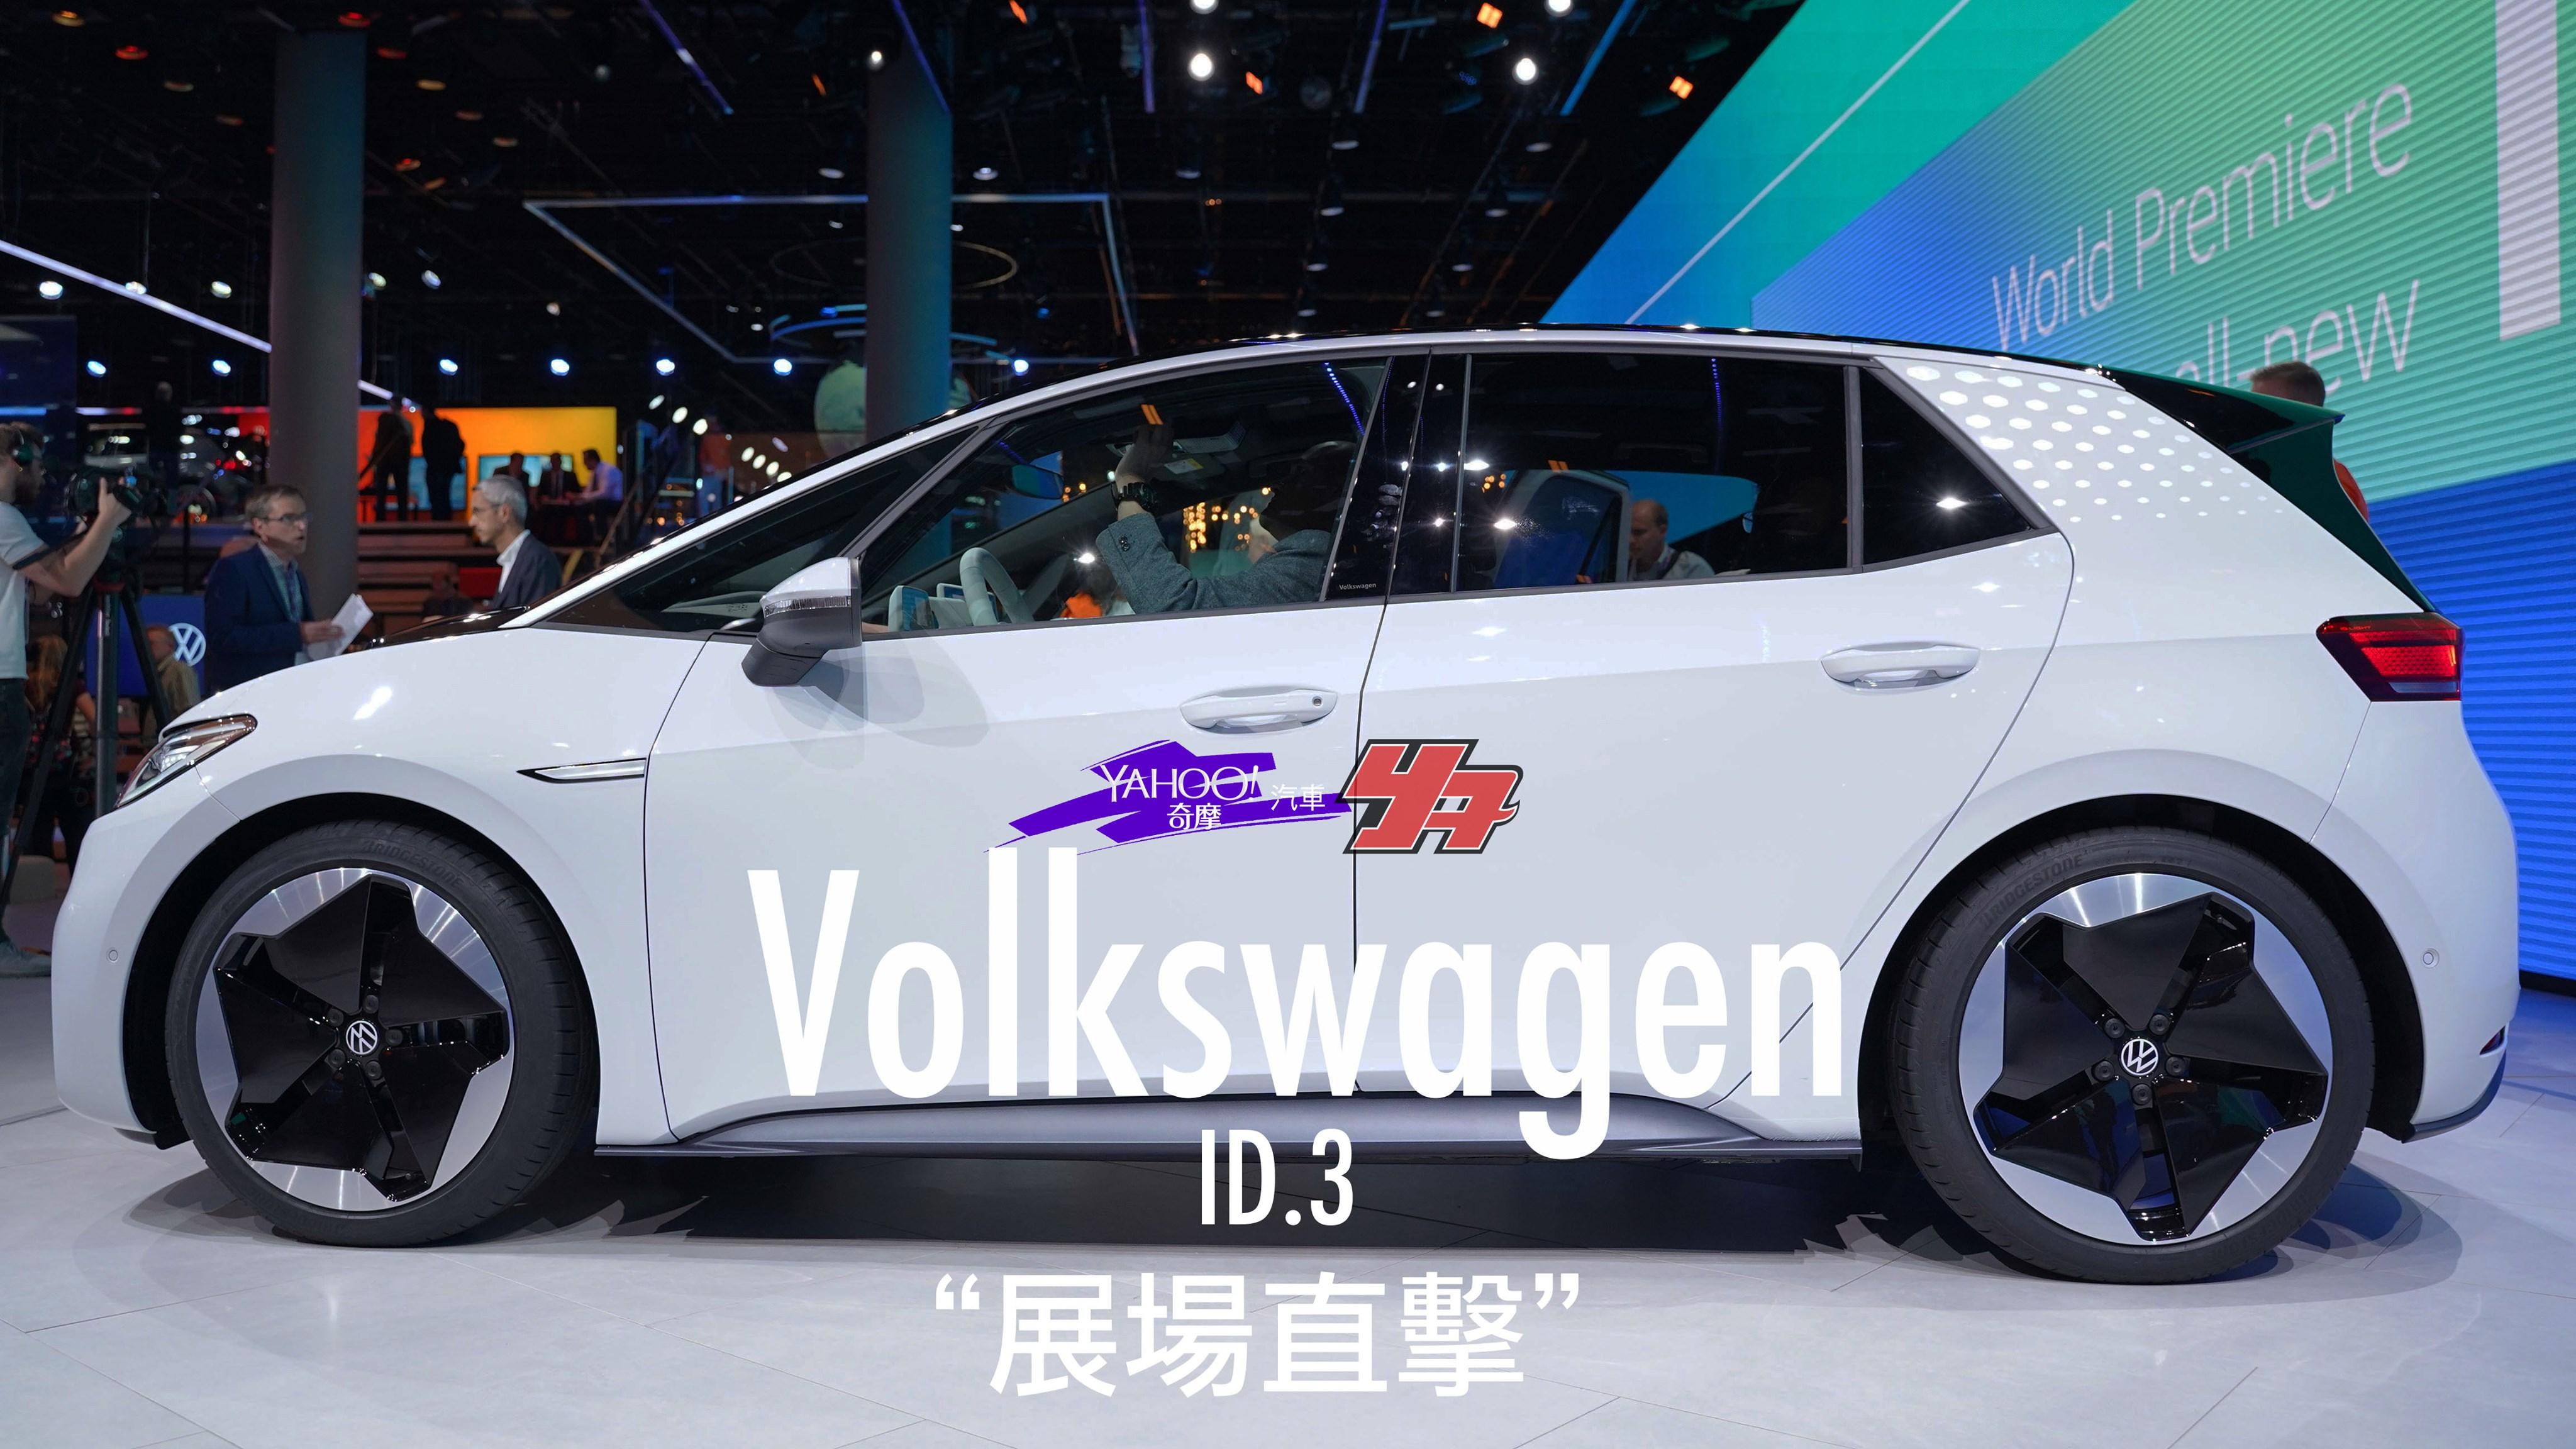 【2019法蘭克福車展直擊】源自於對掀背車的熱愛!Volkswagen純電車型ID.3正式發表!